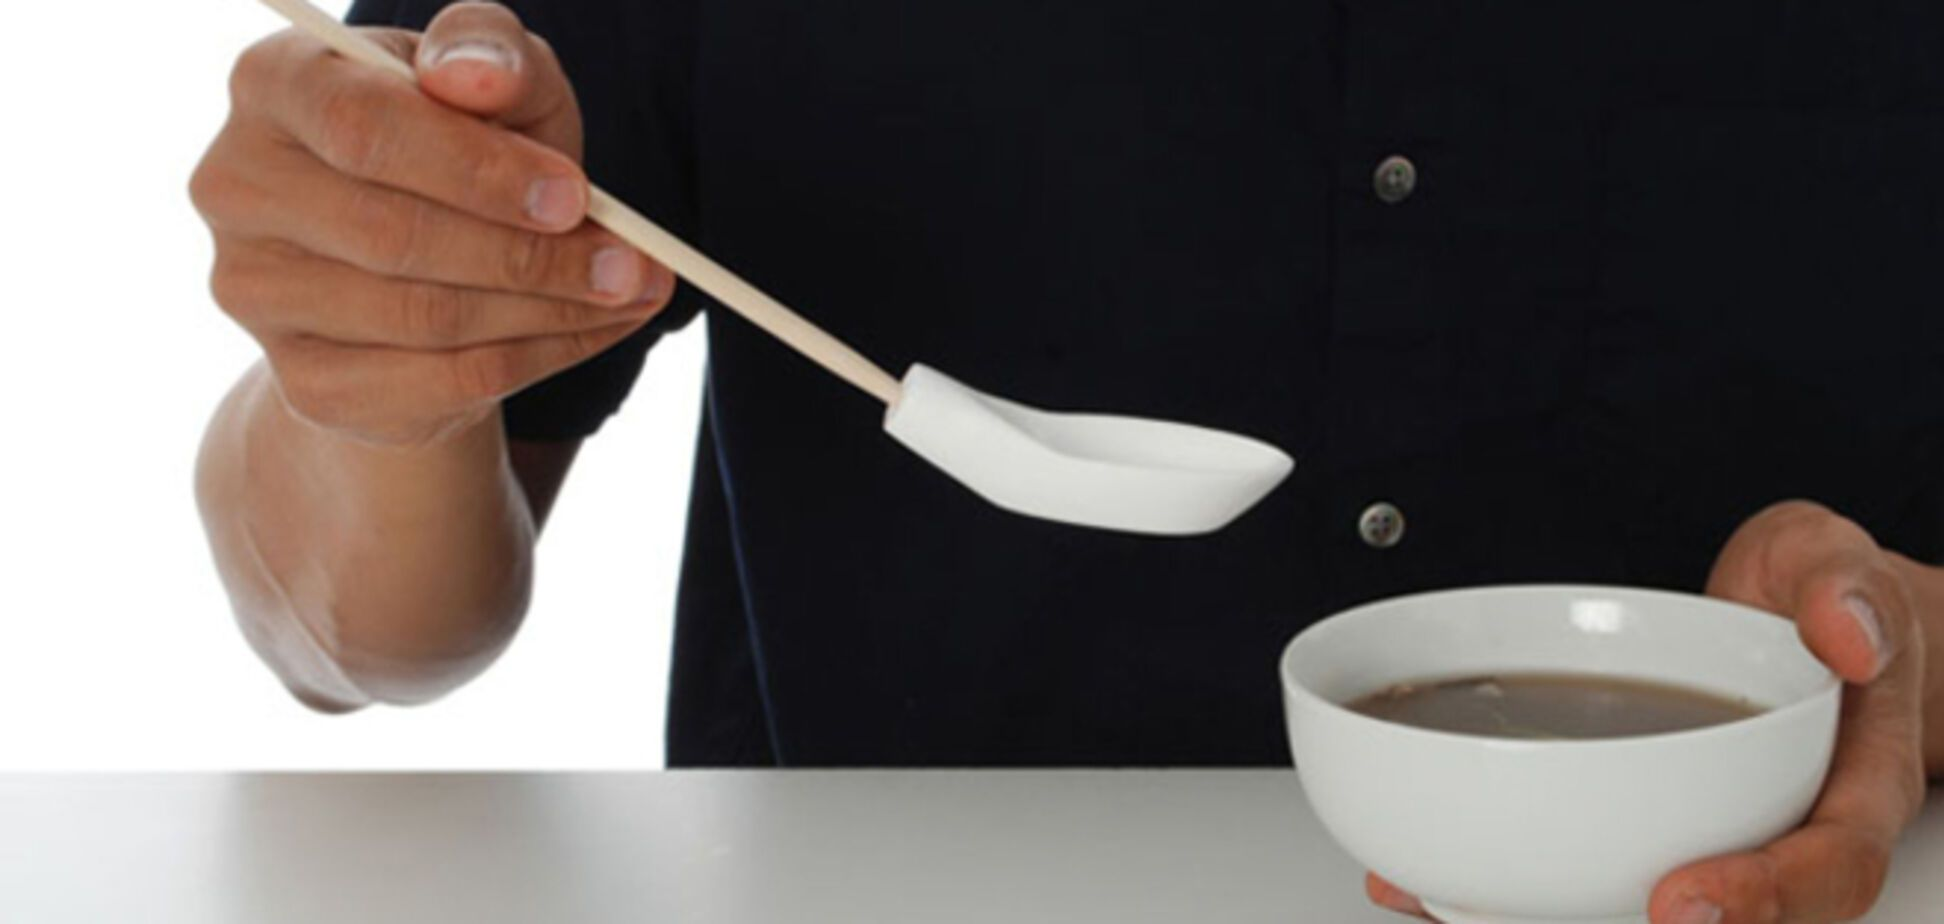 Мегаизобретение: чудо-ложка меняет вкус еды